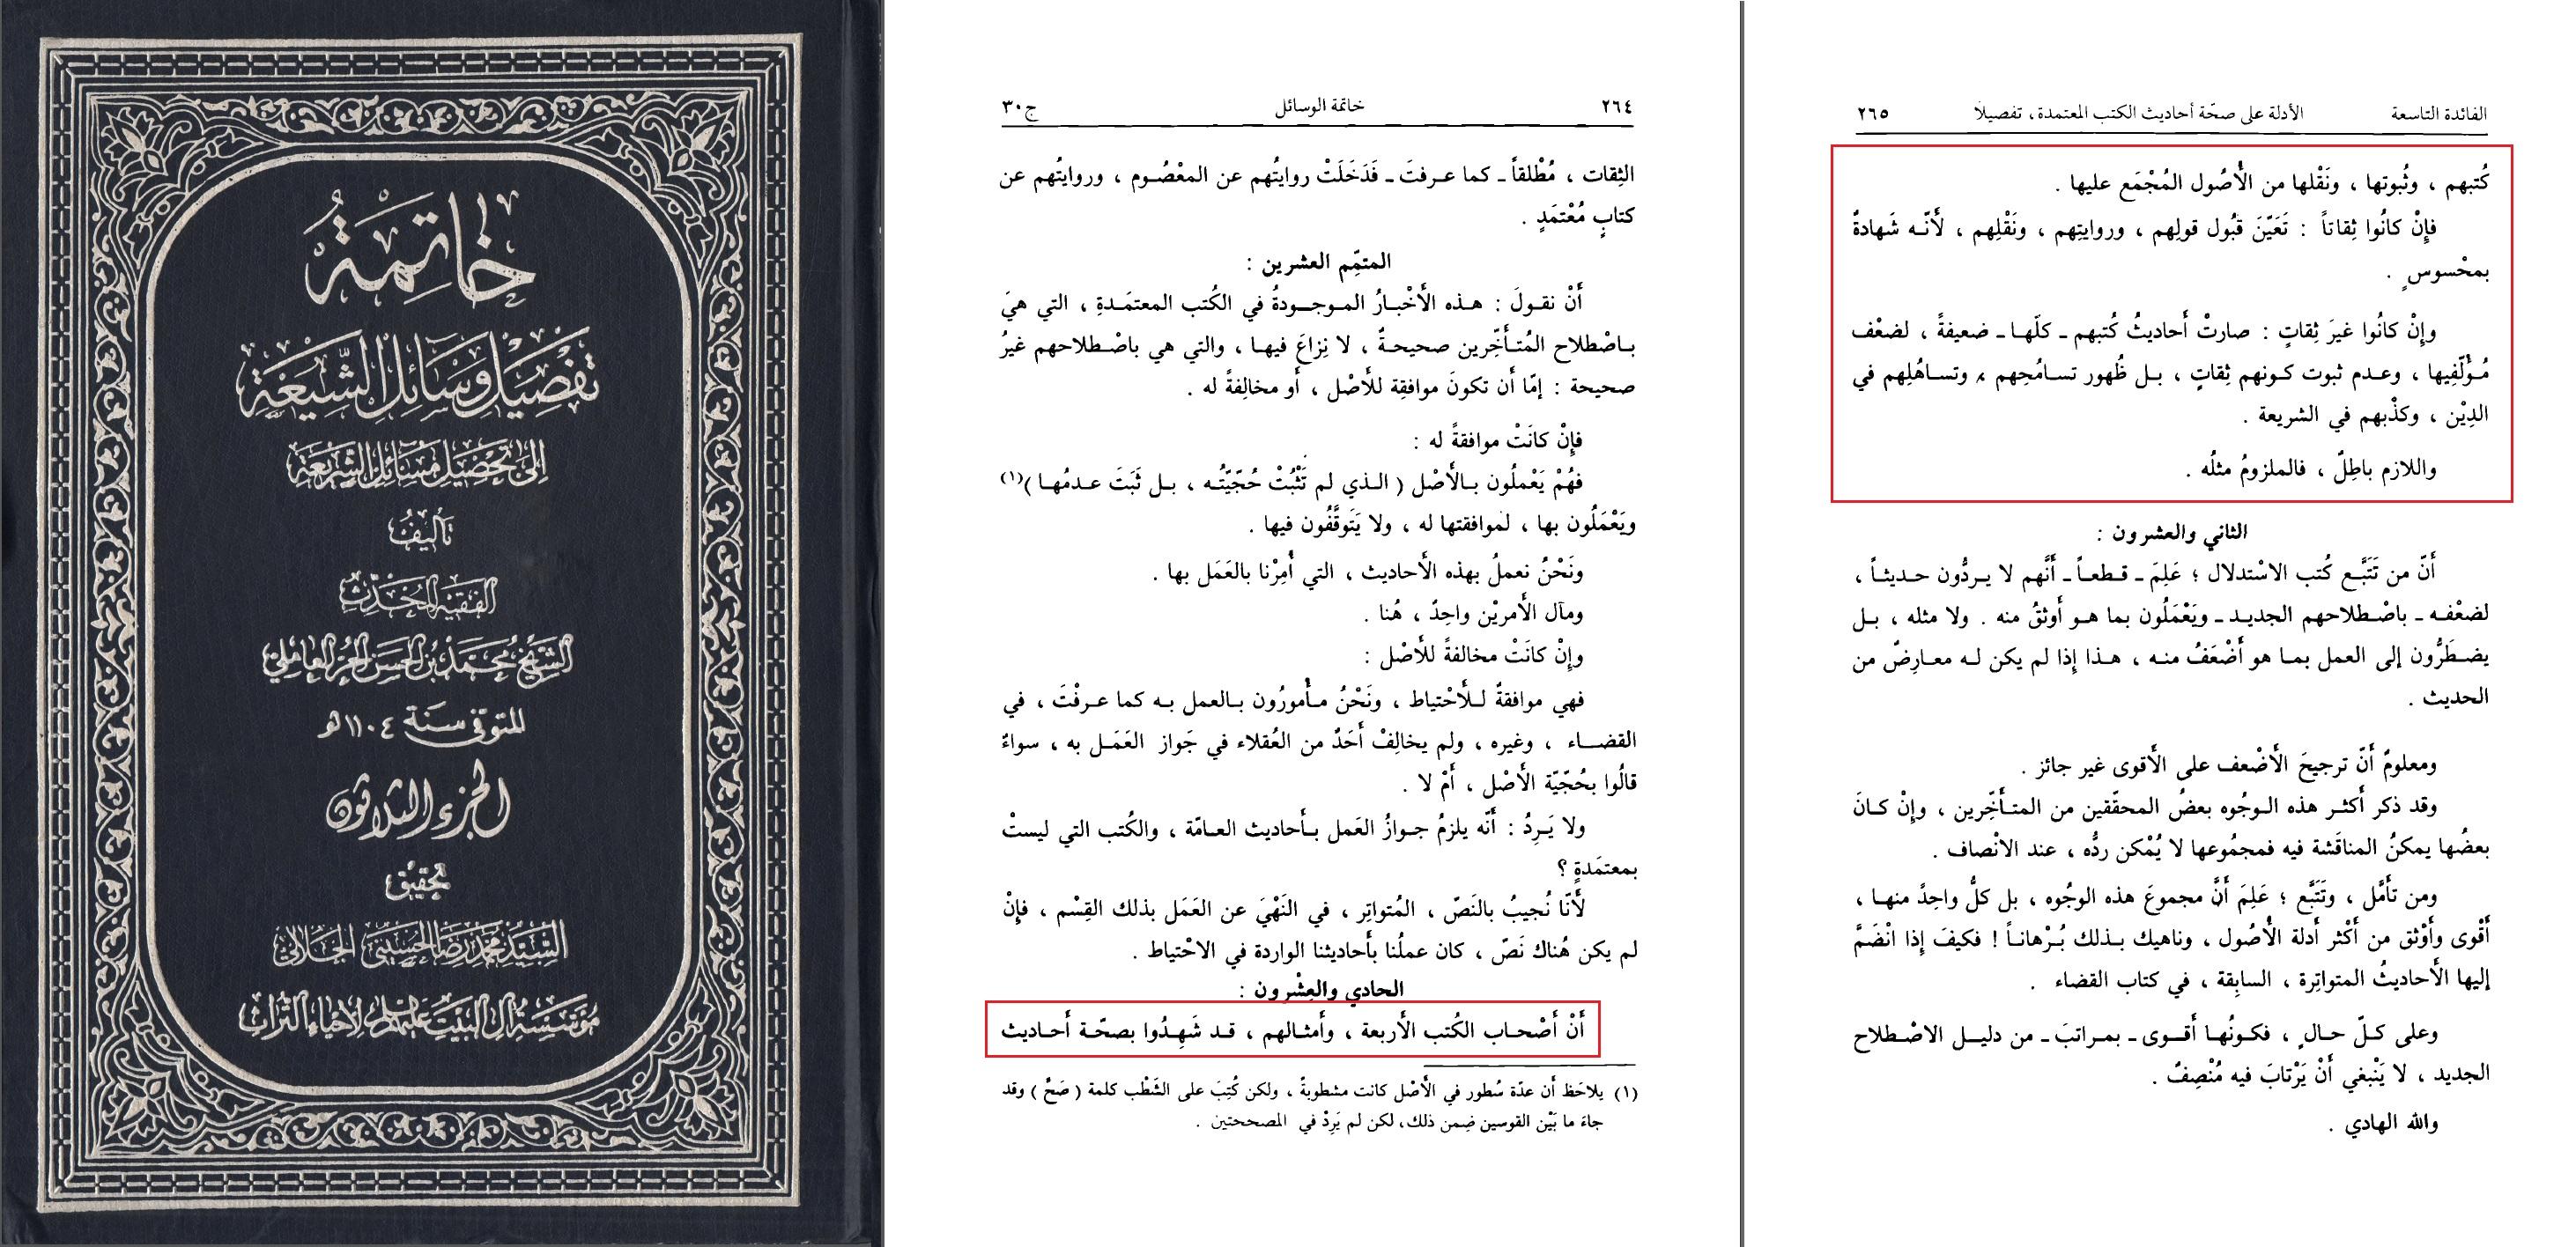 Wasa2el-e Shi3ah B 30 S 264 - 265